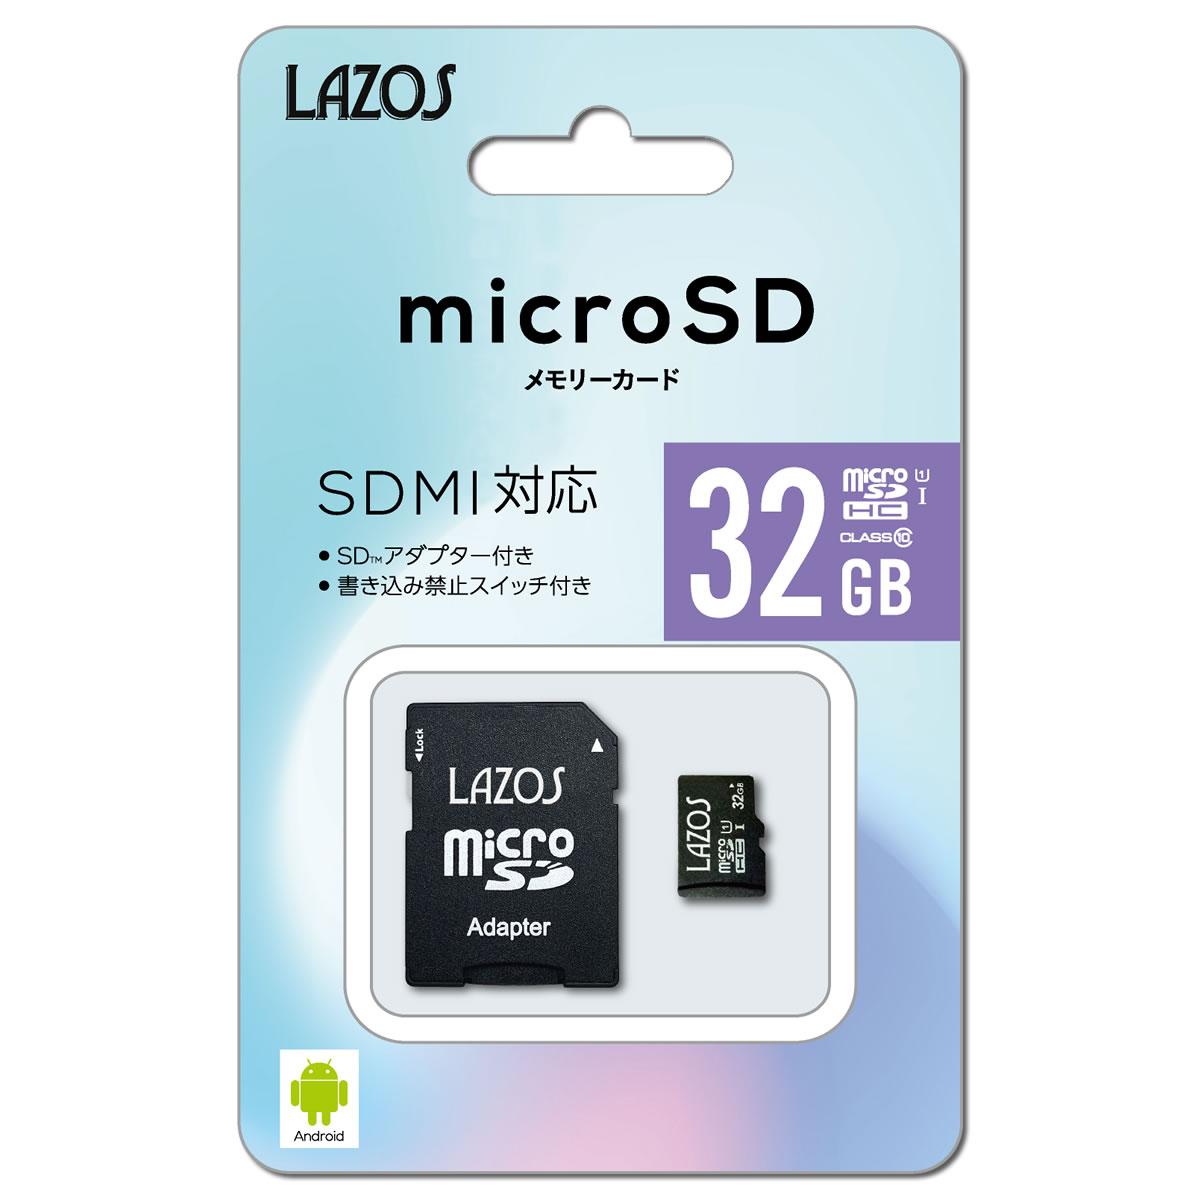 国内正規品 MicroSDメモリーカード メーカー保証 1年間 【 ポイント消化 】 MicroSDメモリーカード 32GB マイクロ SDカード microSDHC メモリーカード TFカード CLASS10 SDカード 変換アダプタ付き 国内1年保証 【メール便送料無料】